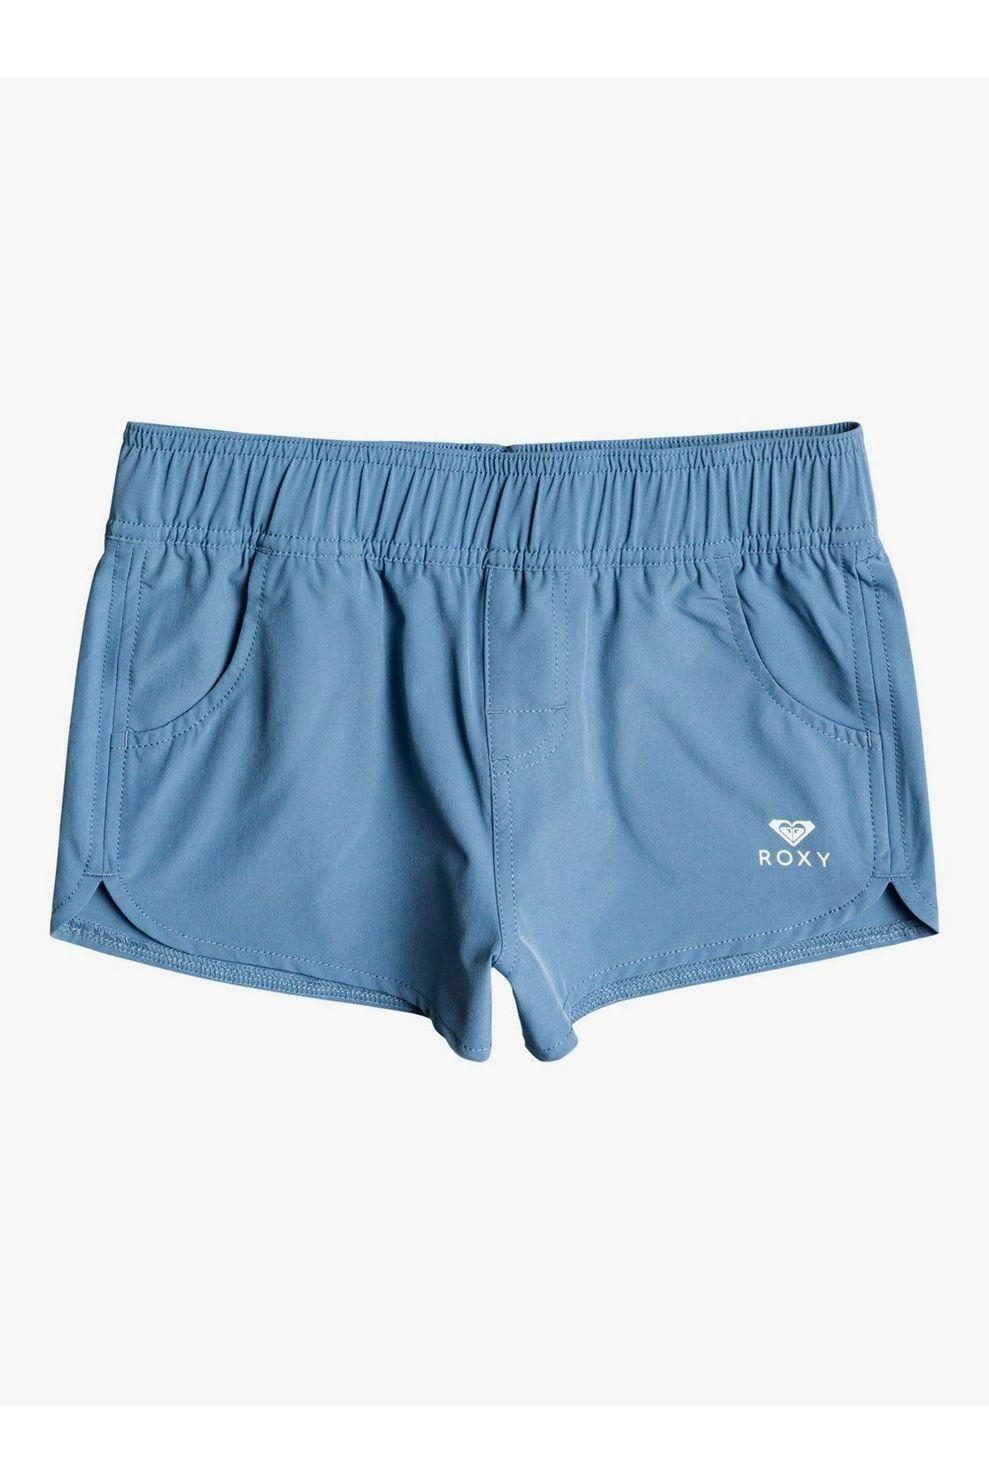 Roxy Short Rgy Wave 2 Inch voor meisjes - Blauw - Maten: 152, 164, 176